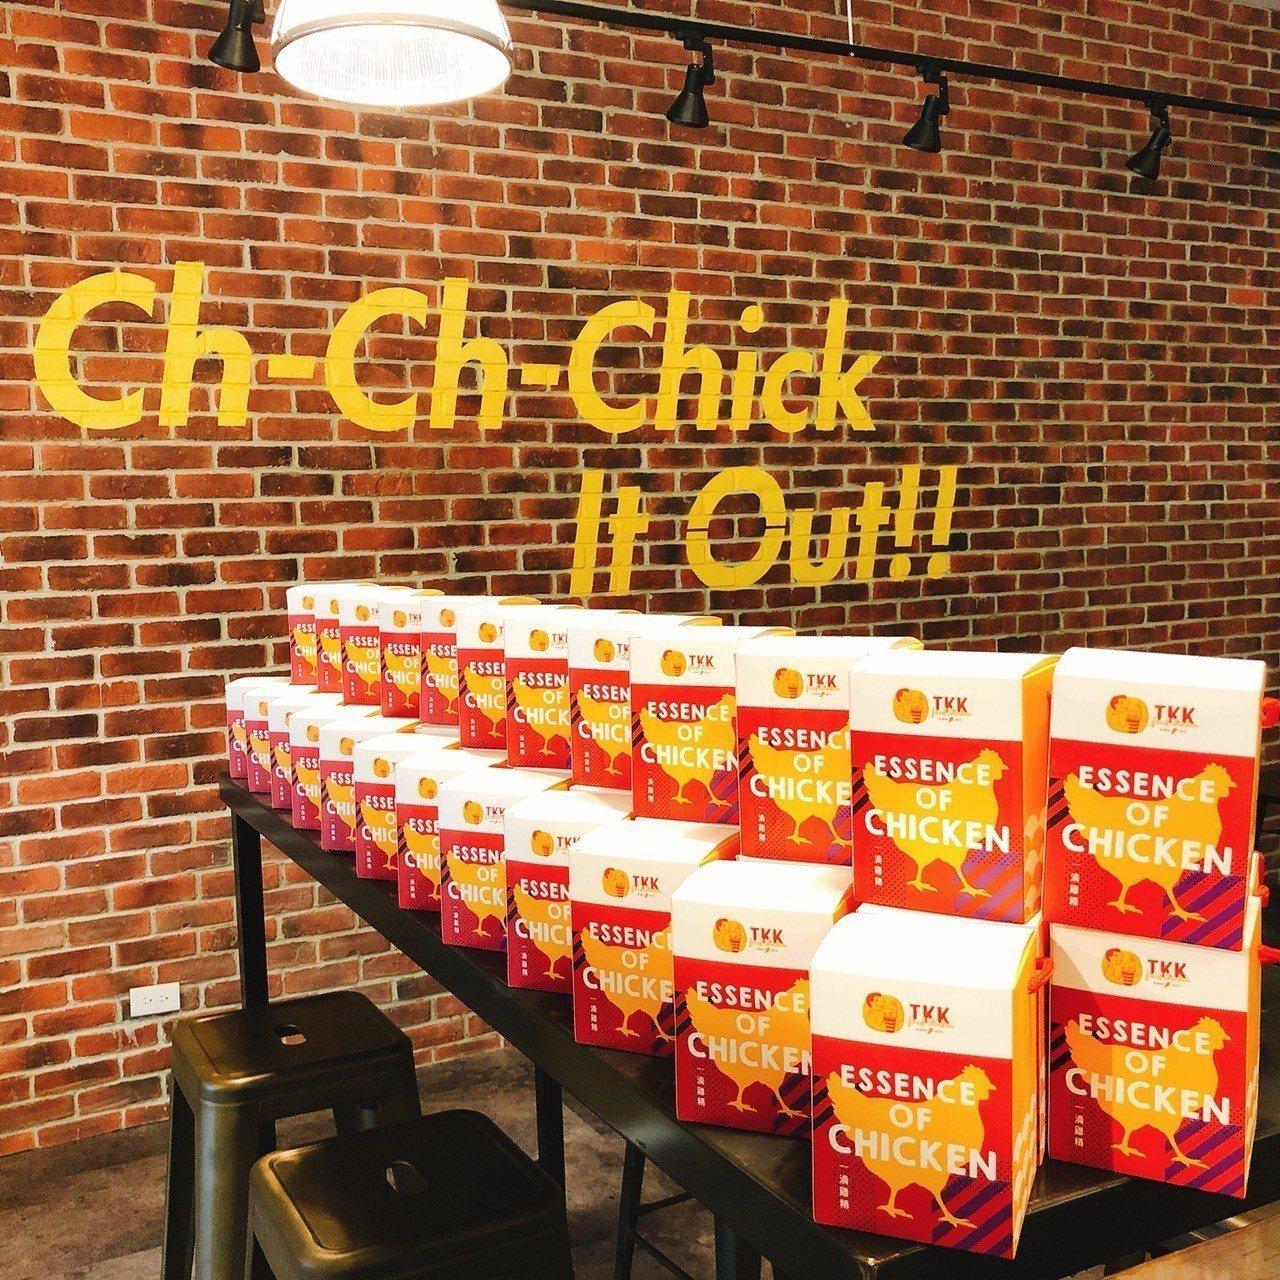 TKK滴雞精外盒設計套用紐約風視覺的創新產品,強烈的撞色系,有別於過去傳統滴雞精...